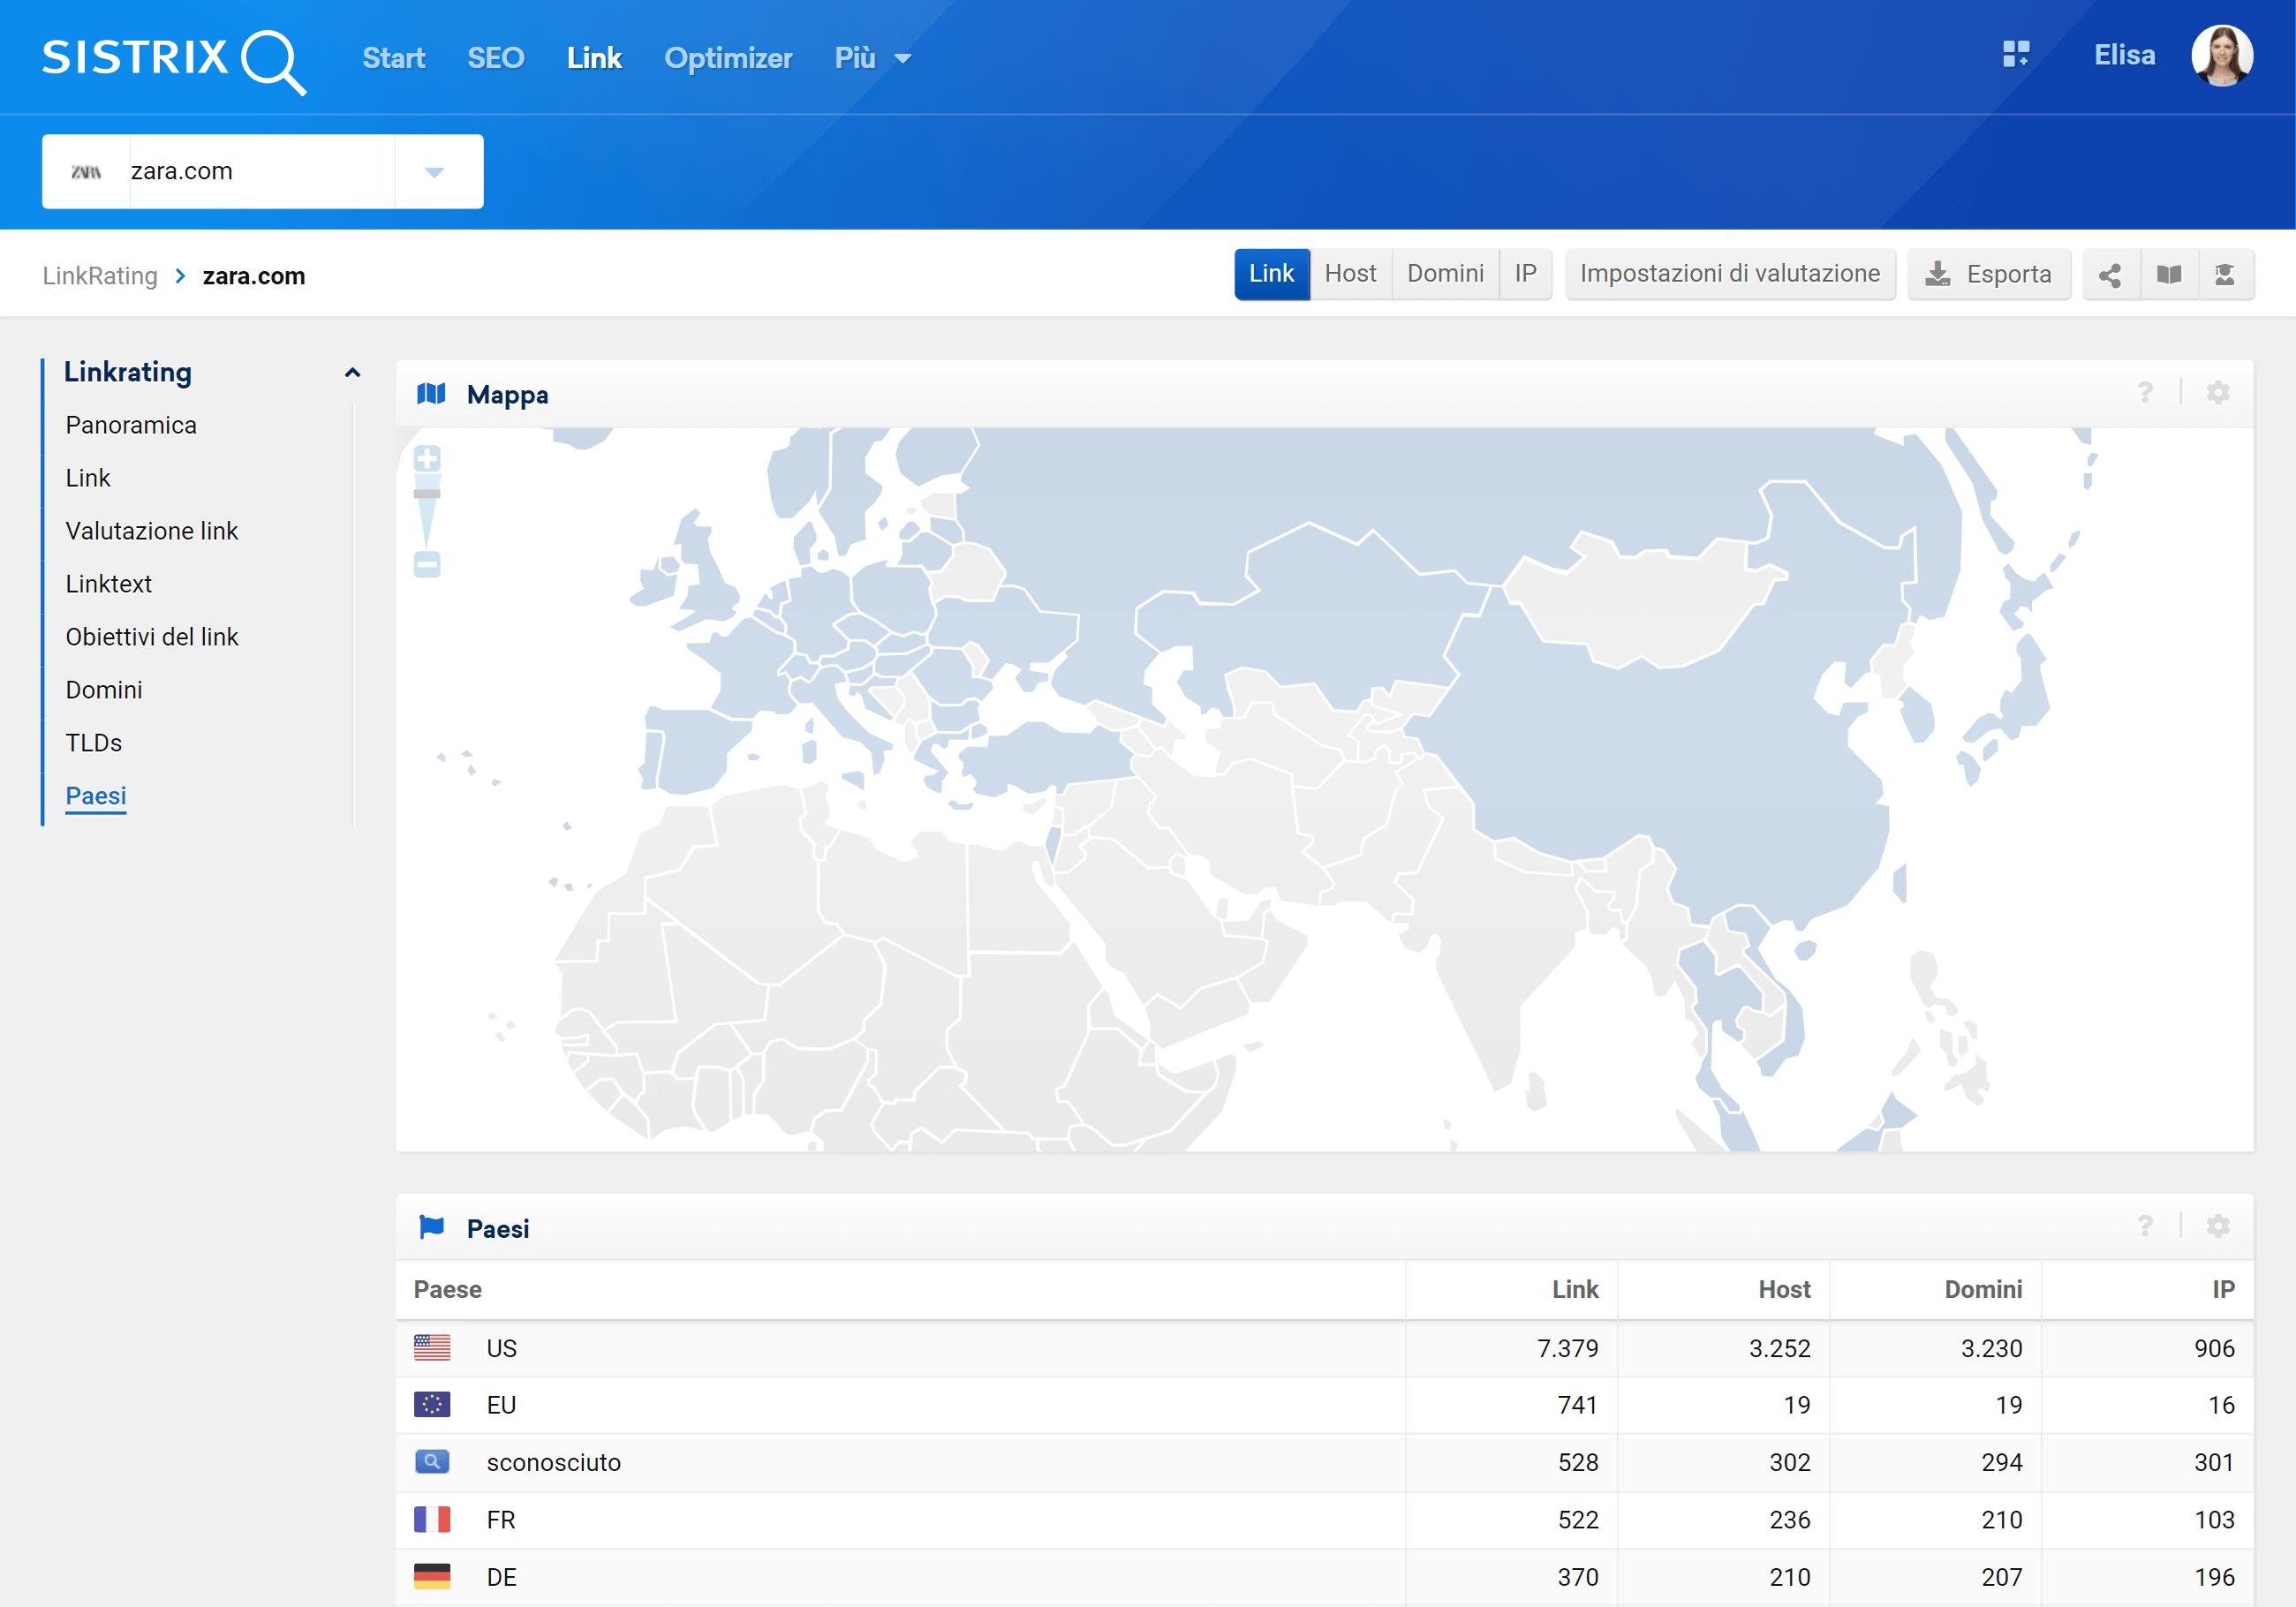 Paesi linkrating